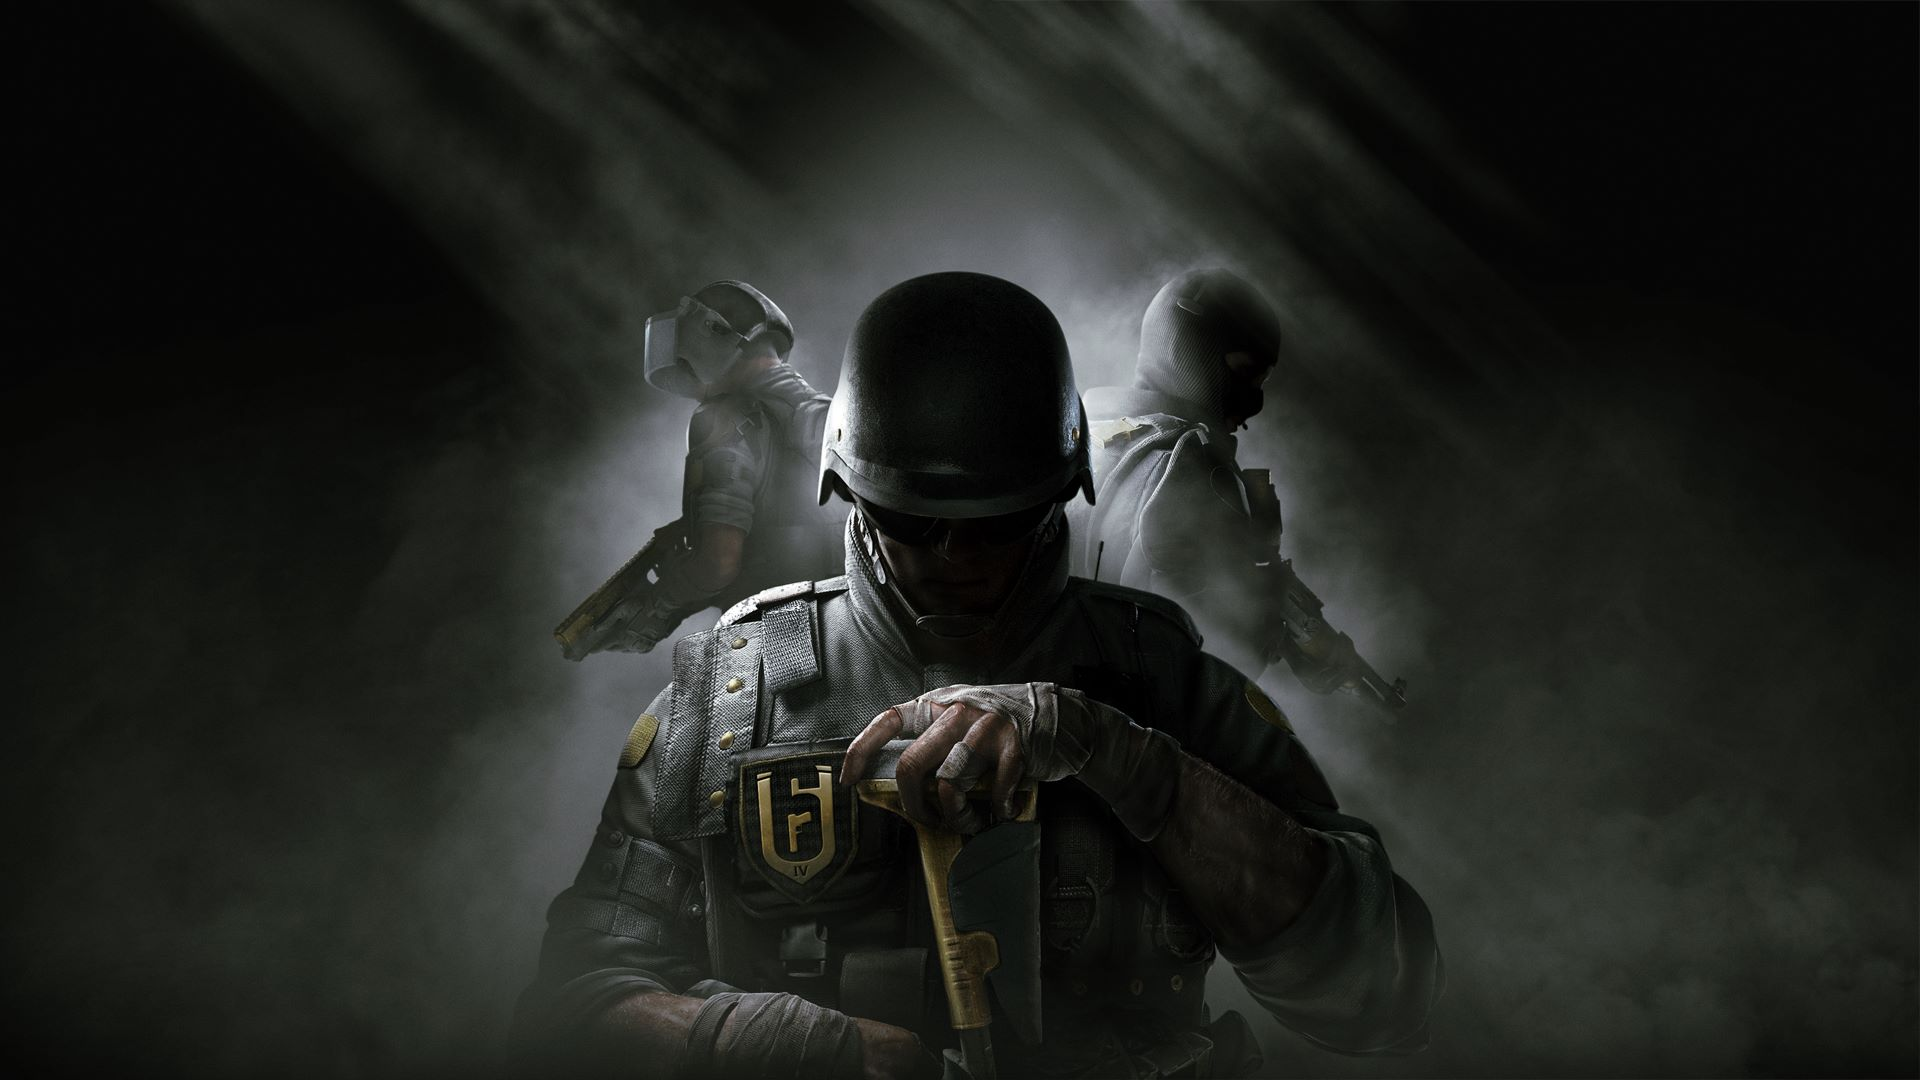 اپراتورهای-رایگان-بازی-Rainbow-Six-Siege